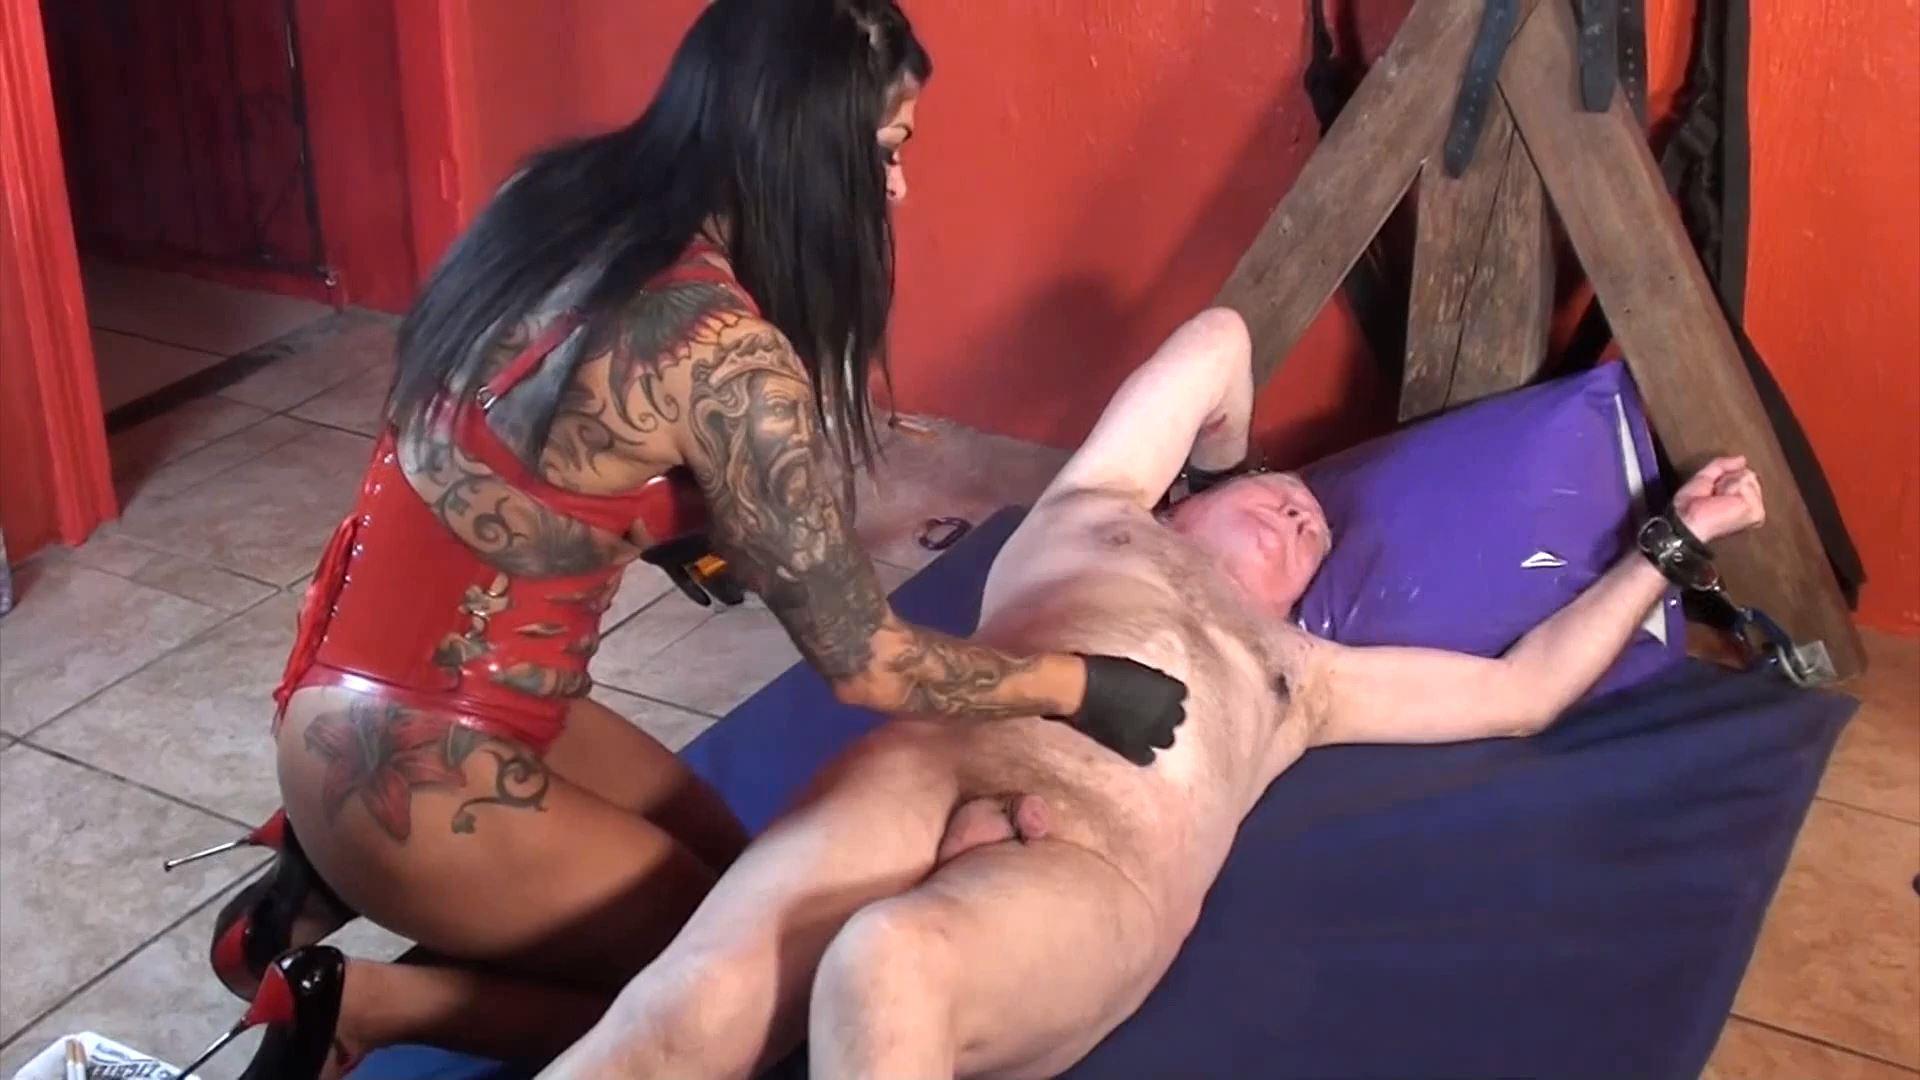 Mistress Dometria In Scene: Burning Man - MISTRESS DOMETRIA BDSM CLIPS / BRIGHTONDUNGEON - FULL HD/1080p/MP4